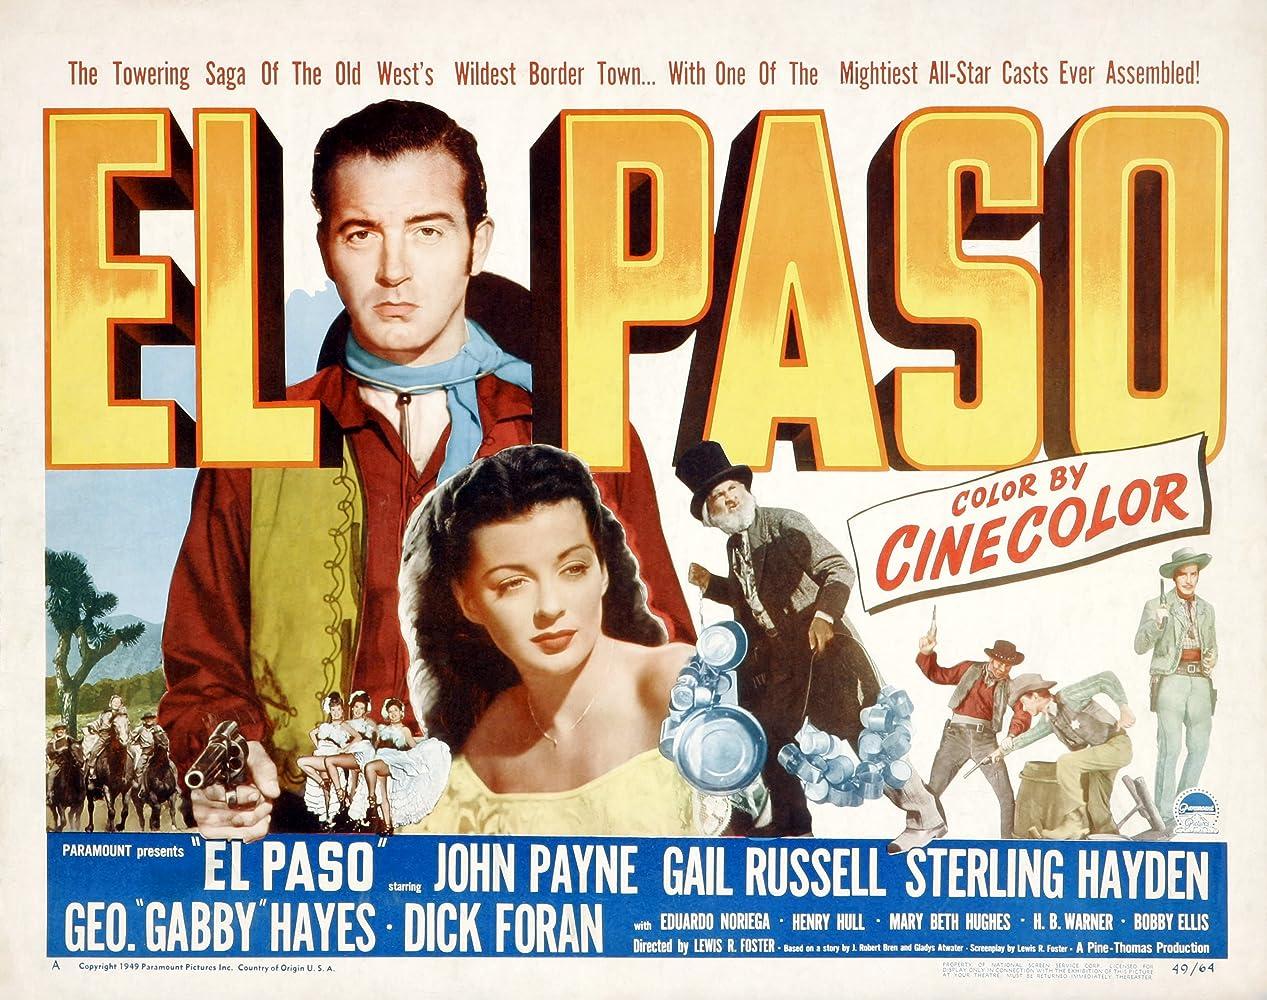 George 'Gabby' Hayes, Eduardo Noriega, John Payne, and Gail Russell in El Paso (1949)